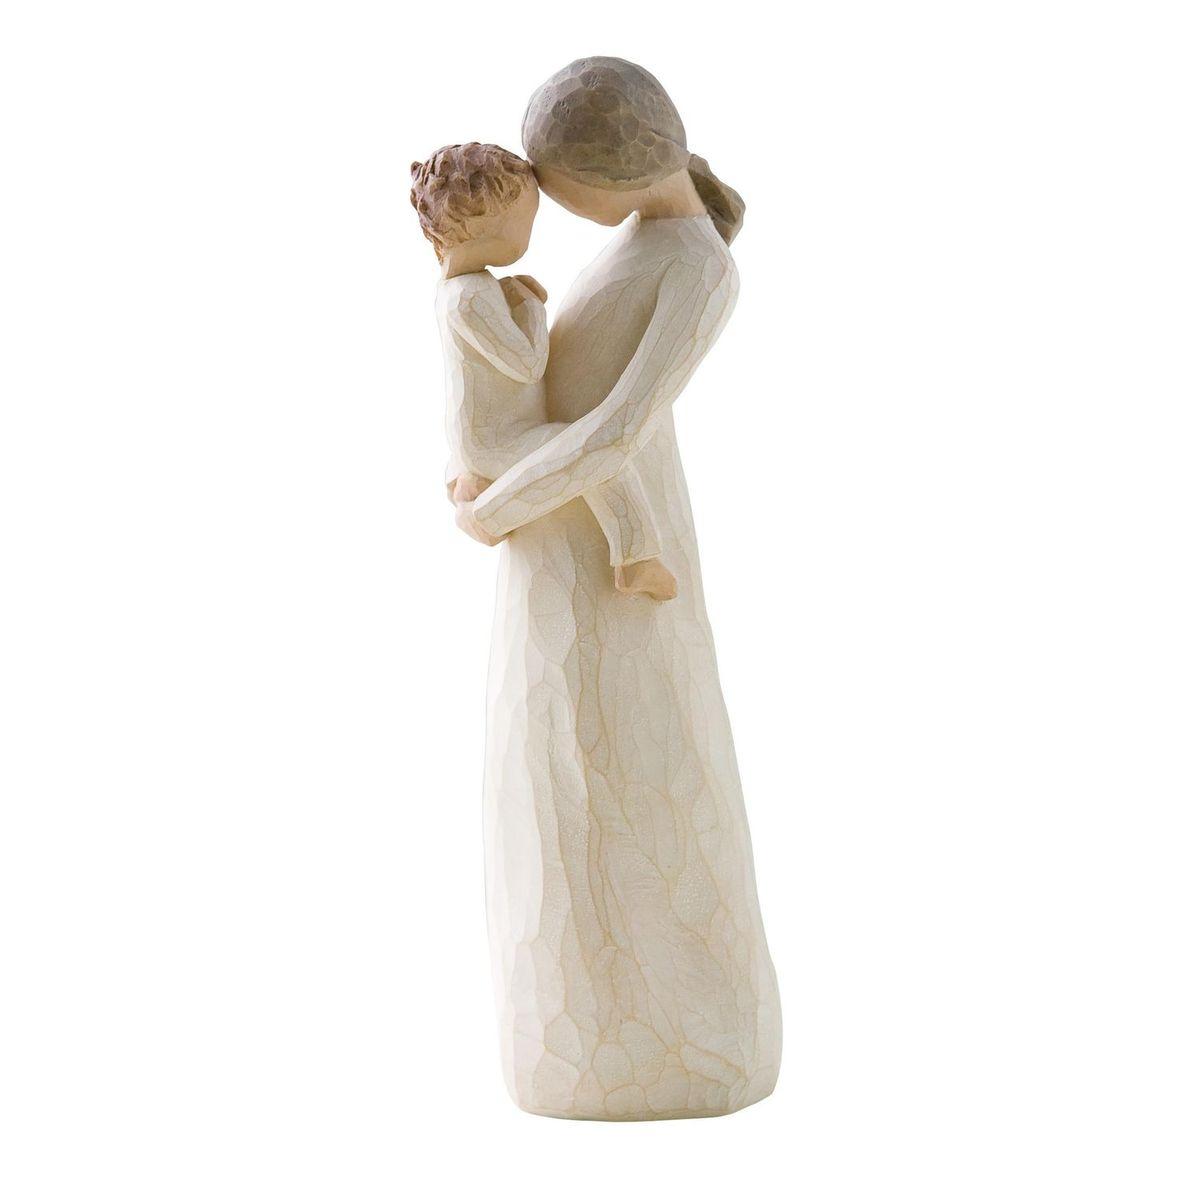 Фигурка Willow Tree Нежность, 21 см26073Эти прекрасные статуэтки созданы канадским скульптором Сьюзан Лорди. Каждая фигурка – это настоящее произведение искусства, образная скульптура в миниатюре, изображающая эмоции и чувства, которые помогают нам чувствовать себя ближе к другим, верить в мечту, выражать любовь. Каждая фигурка помещена в красивую упаковку. Купить такой оригинальный подарок, значит не только украсить интерьер помещения или жилой комнаты, но выразить свое глубокое отношение к любимому человеку. Этот прекрасный сувенир будет лучшим подарком на день ангела, именины, день рождения, юбилей. Материал: Искусственный камень (49% карбонат кальция мелкозернистой разновидности, 51% искусственный камень)